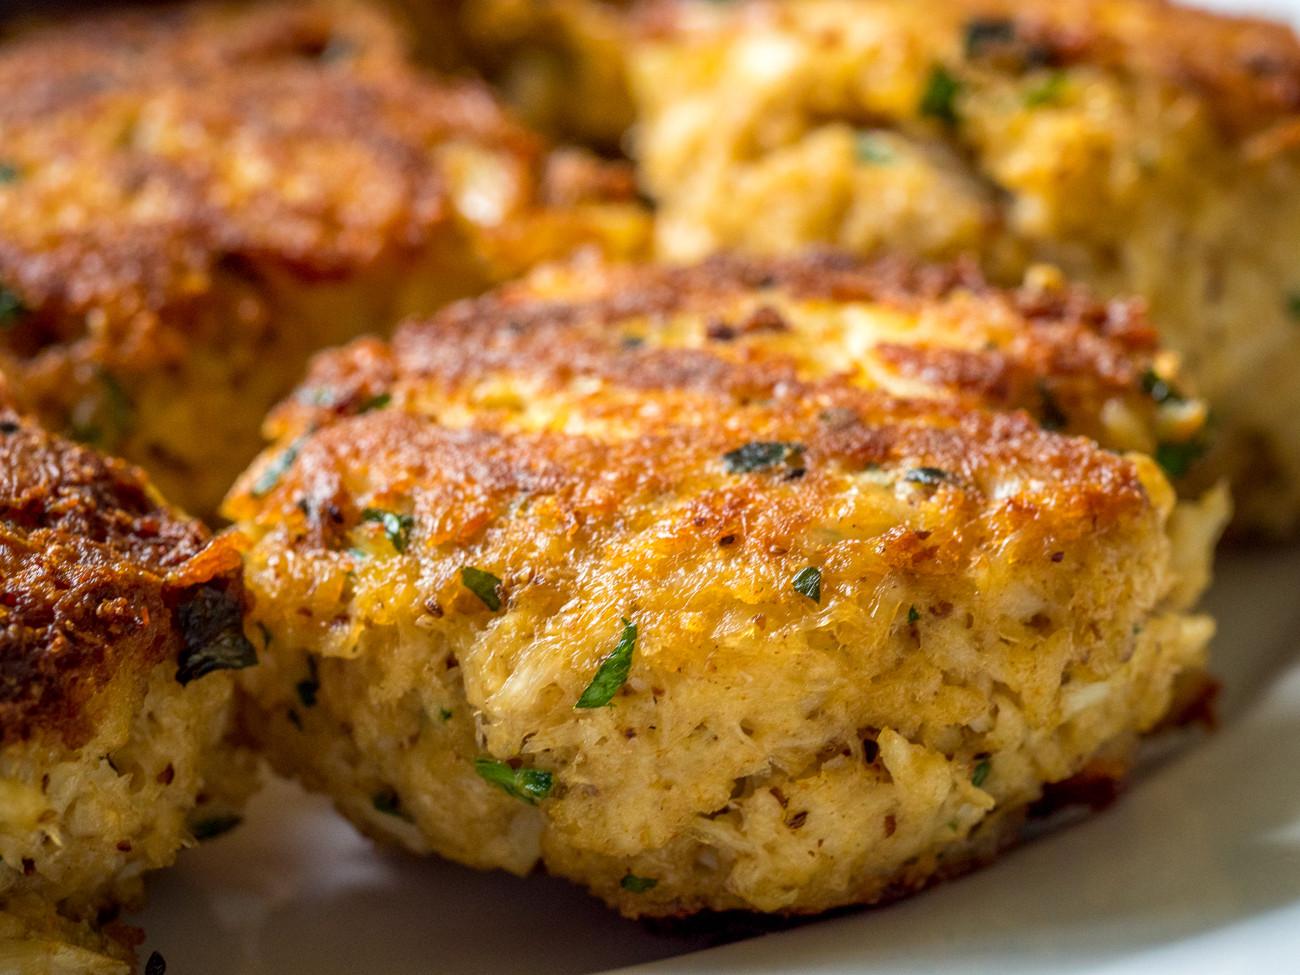 Best Maryland Crab Cake Recipe  maryland crab cakes